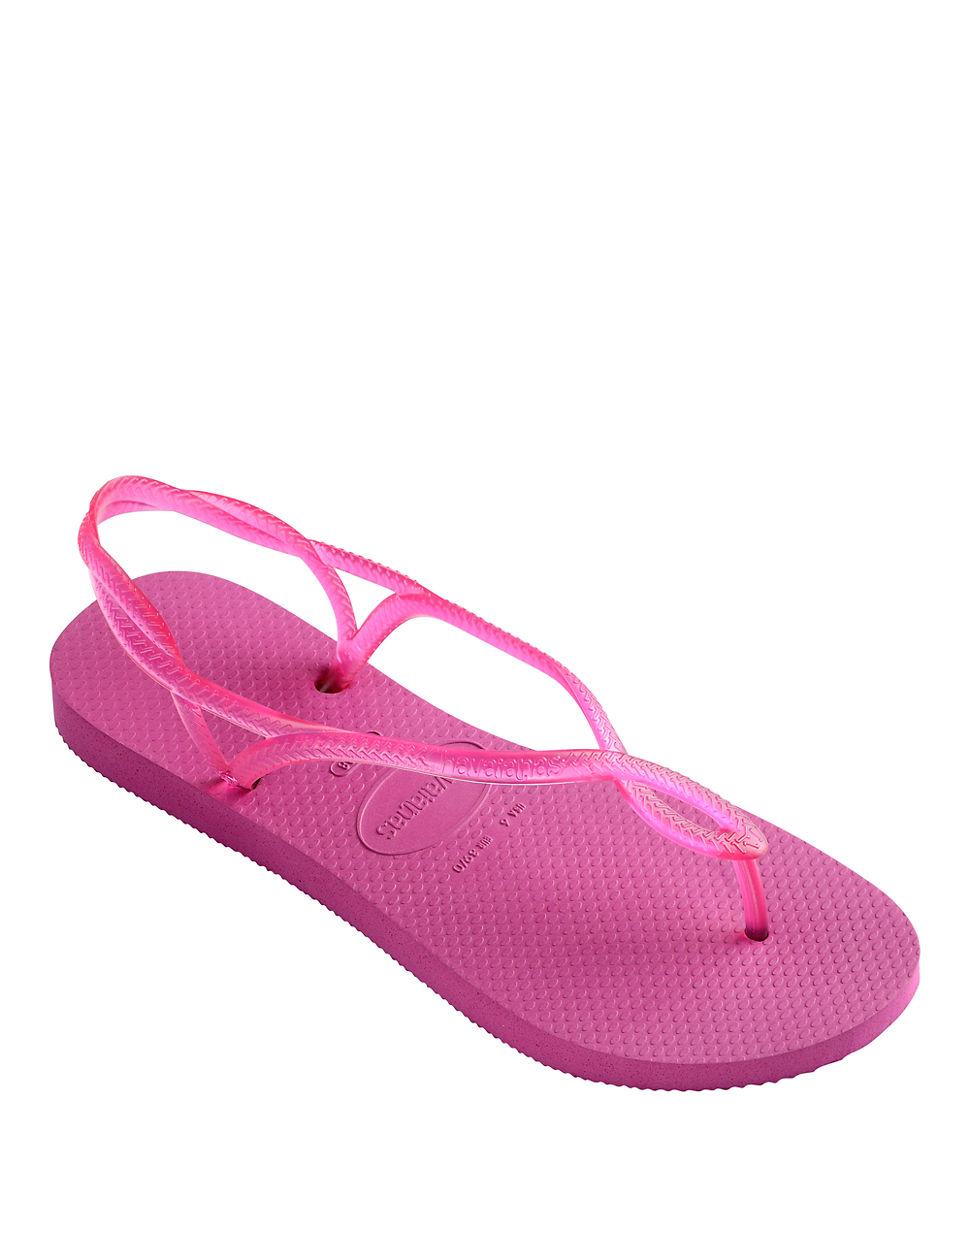 a5f51881017 Havaianas Luna Sandal Flip-Flops in Pink - Lyst